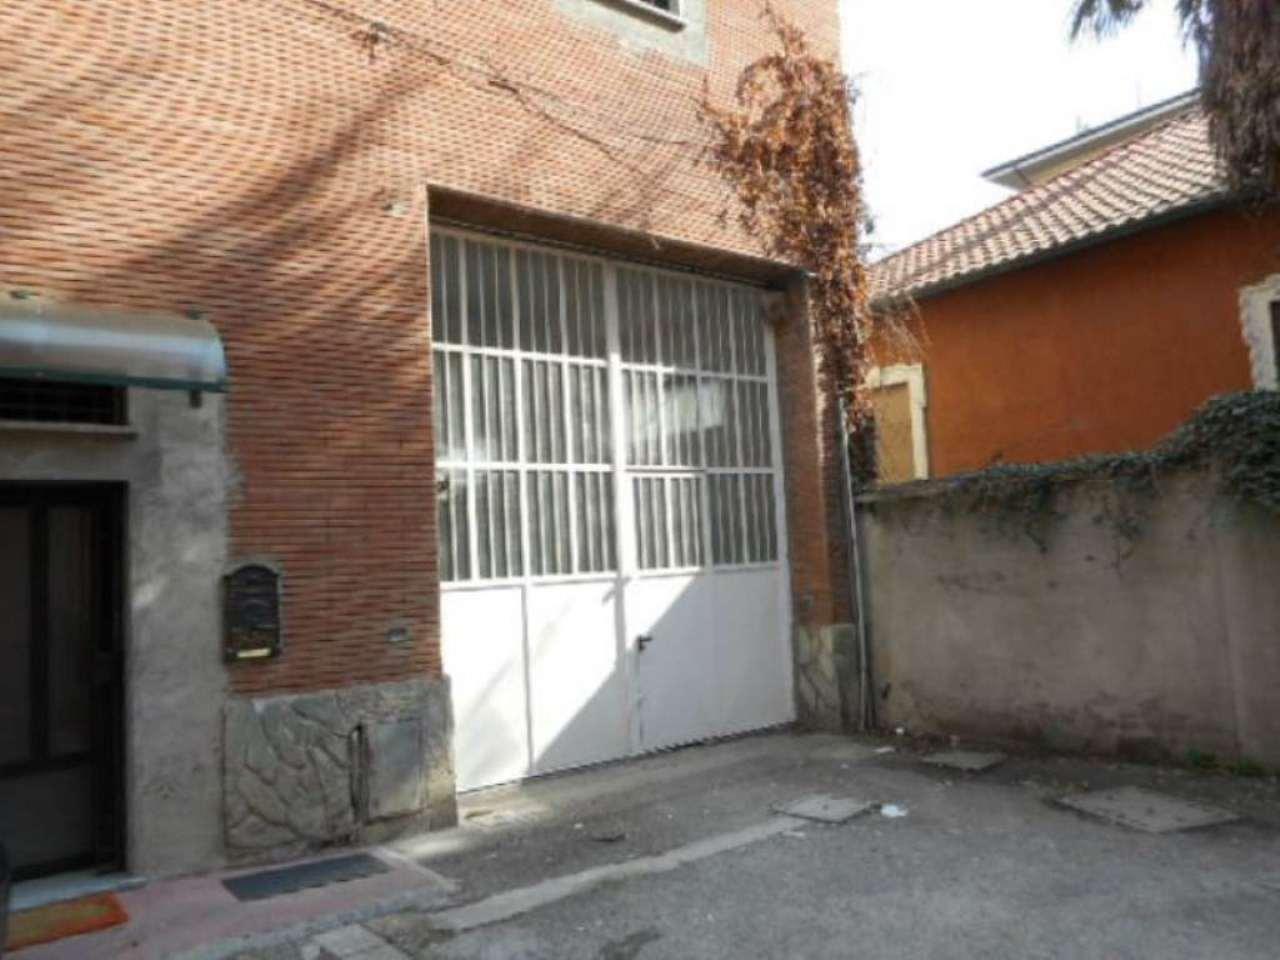 Laboratorio in vendita a Bovisio Masciago, 1 locali, prezzo € 175.000 | CambioCasa.it